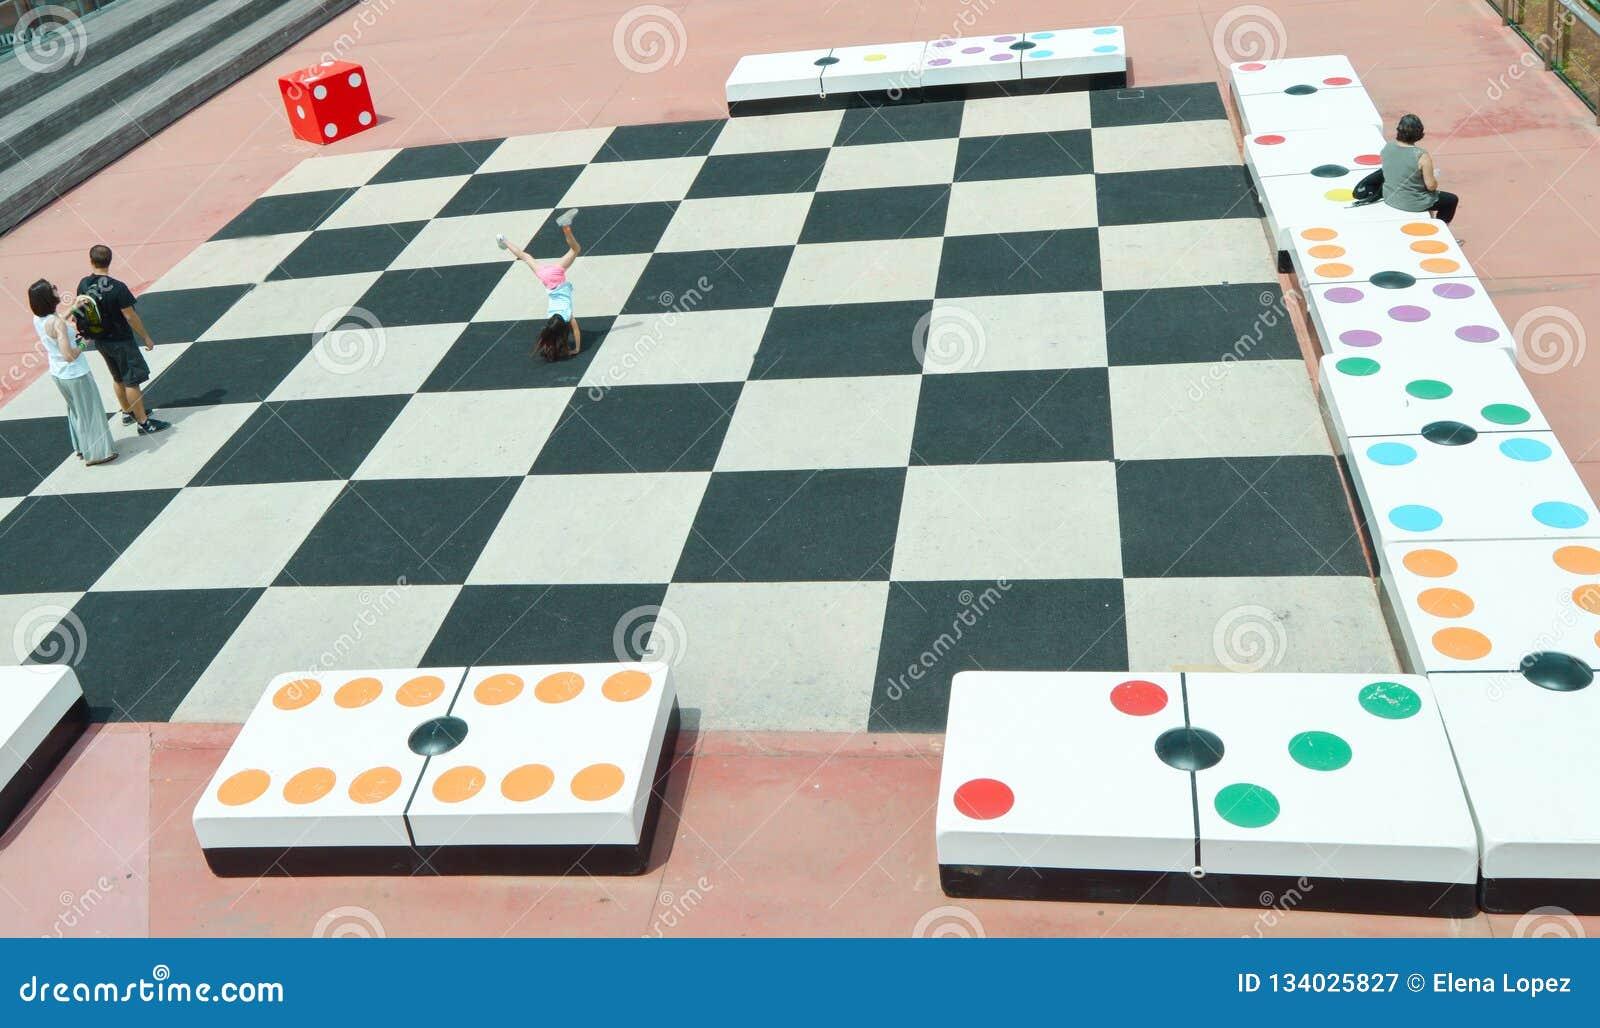 Grupo gigante dos dominós